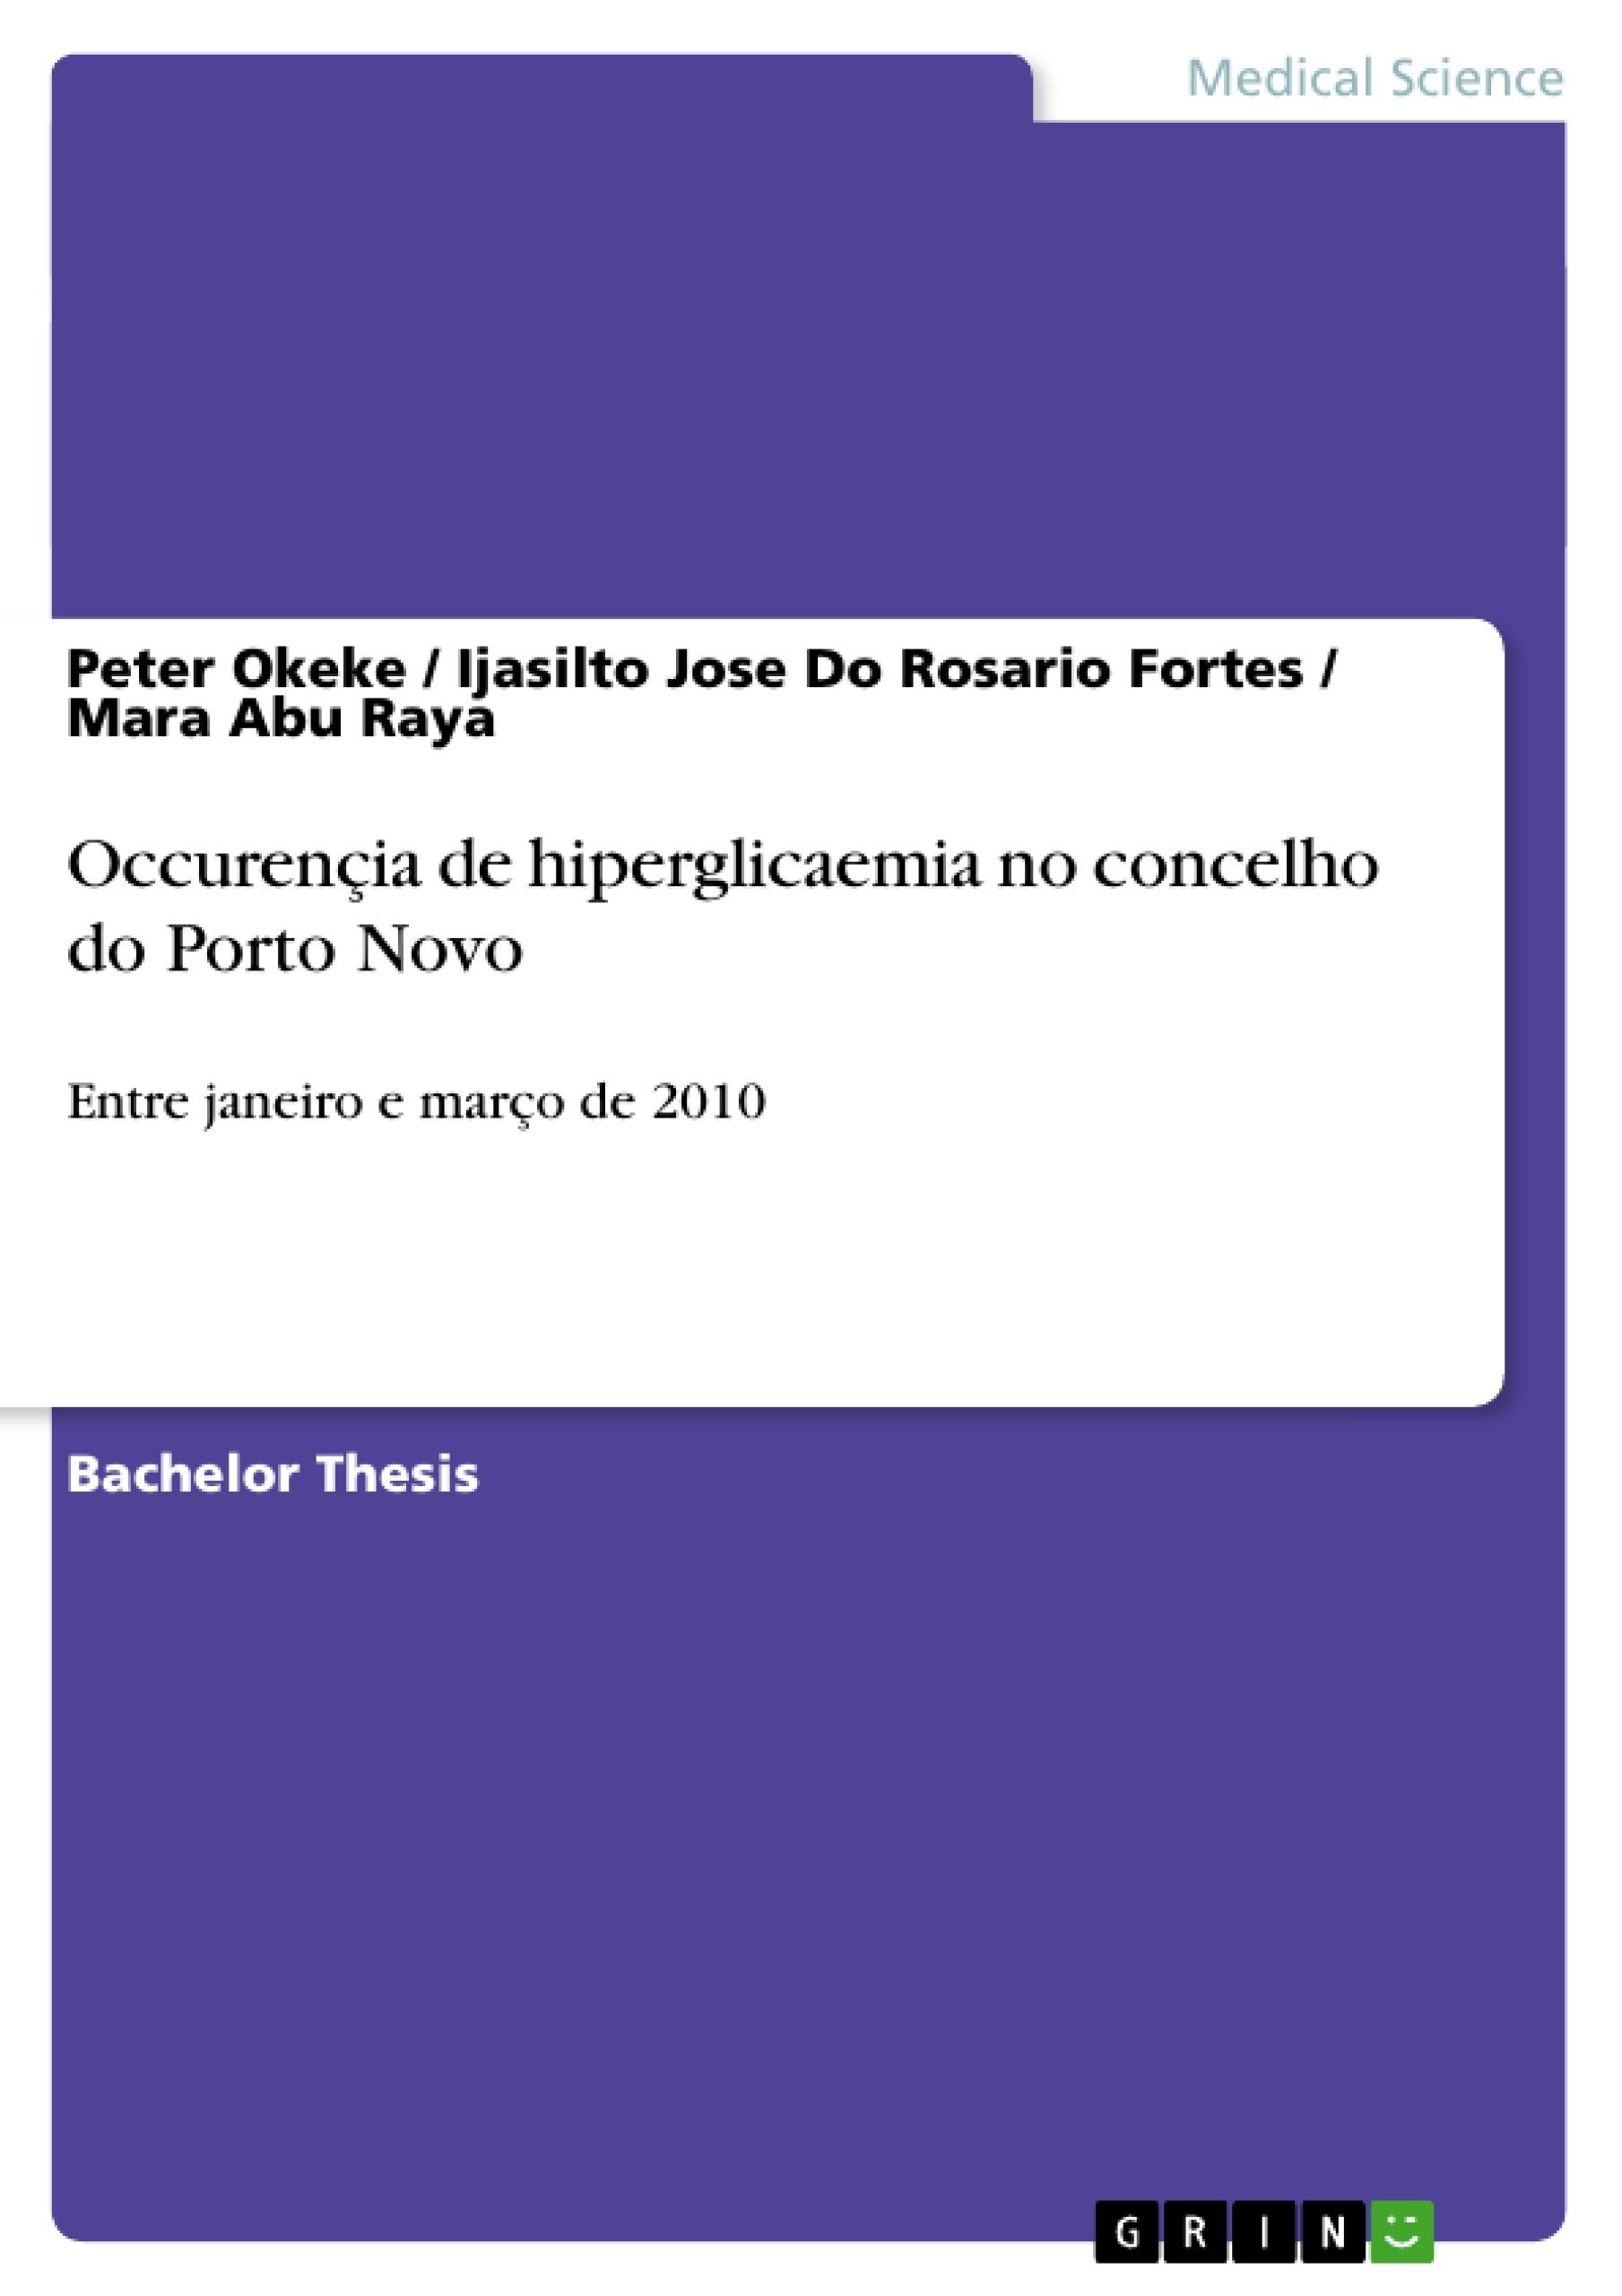 Title: Occurençia de hiperglicaemia no concelho do Porto Novo